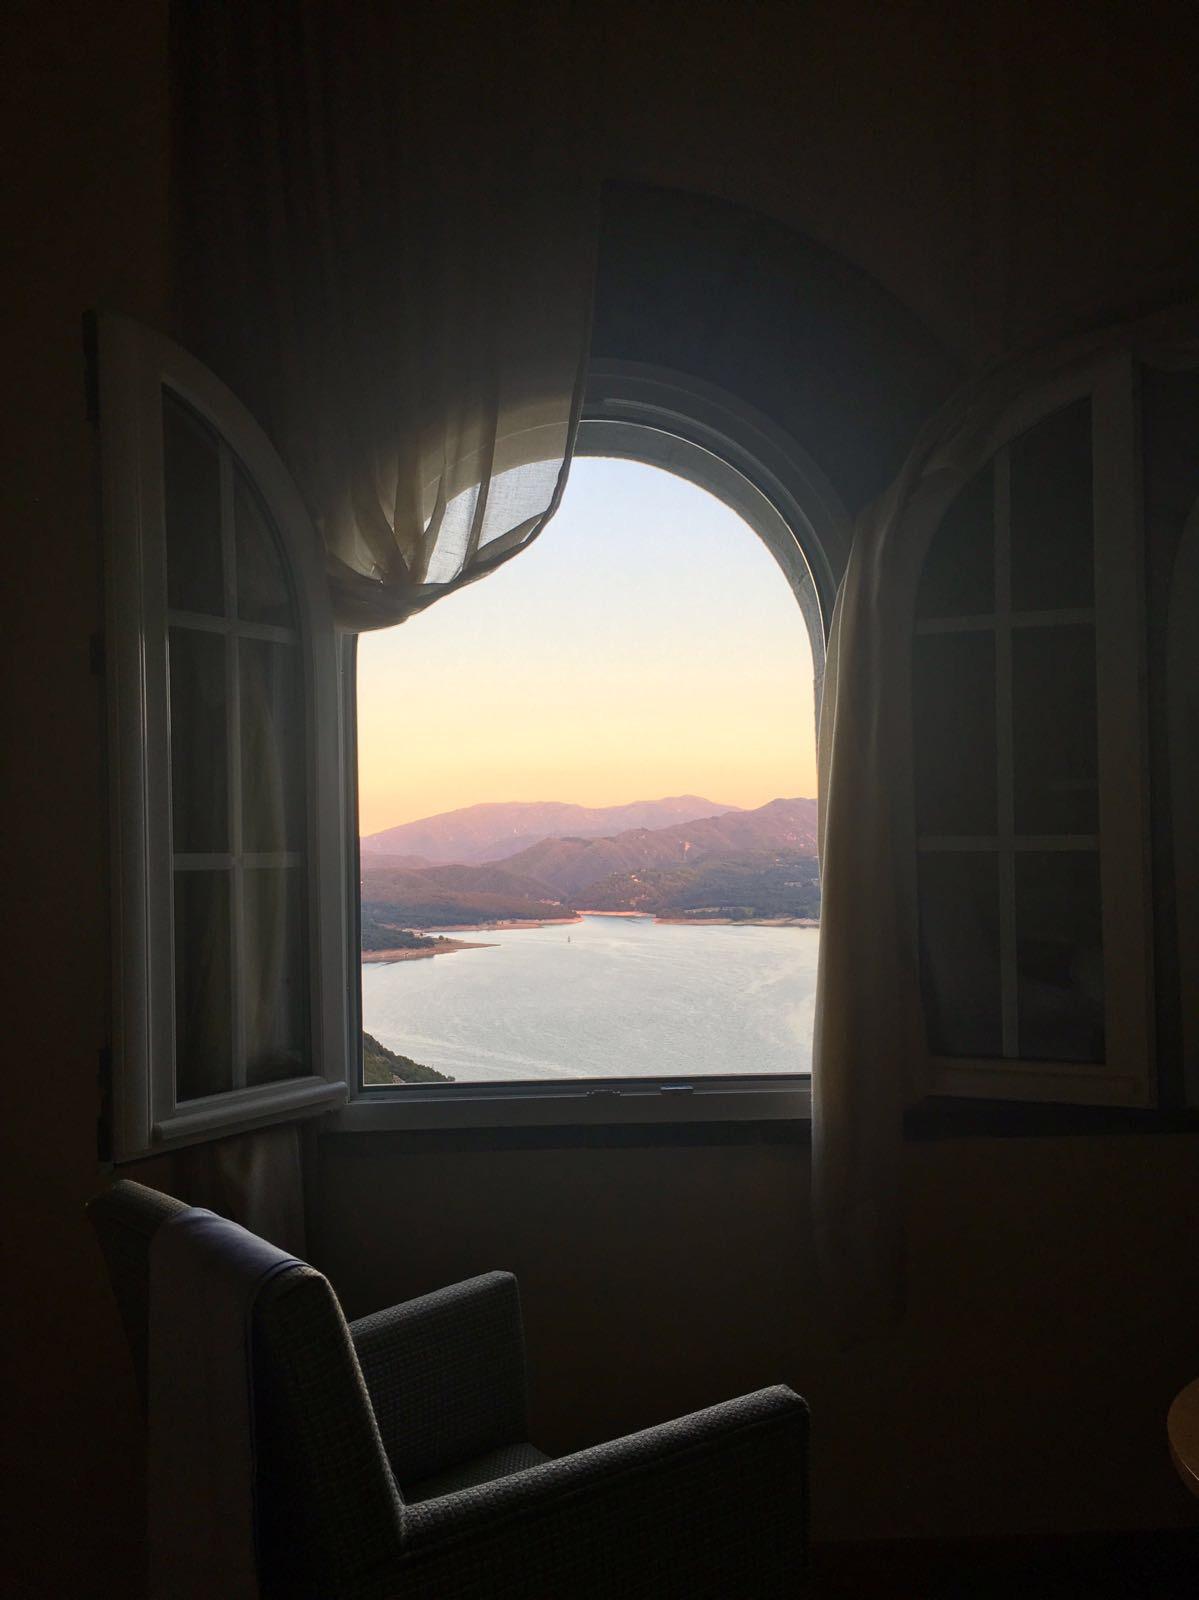 foto: Nils Broekhof - categorie REIZEN, open raam met uitzicht op bergen